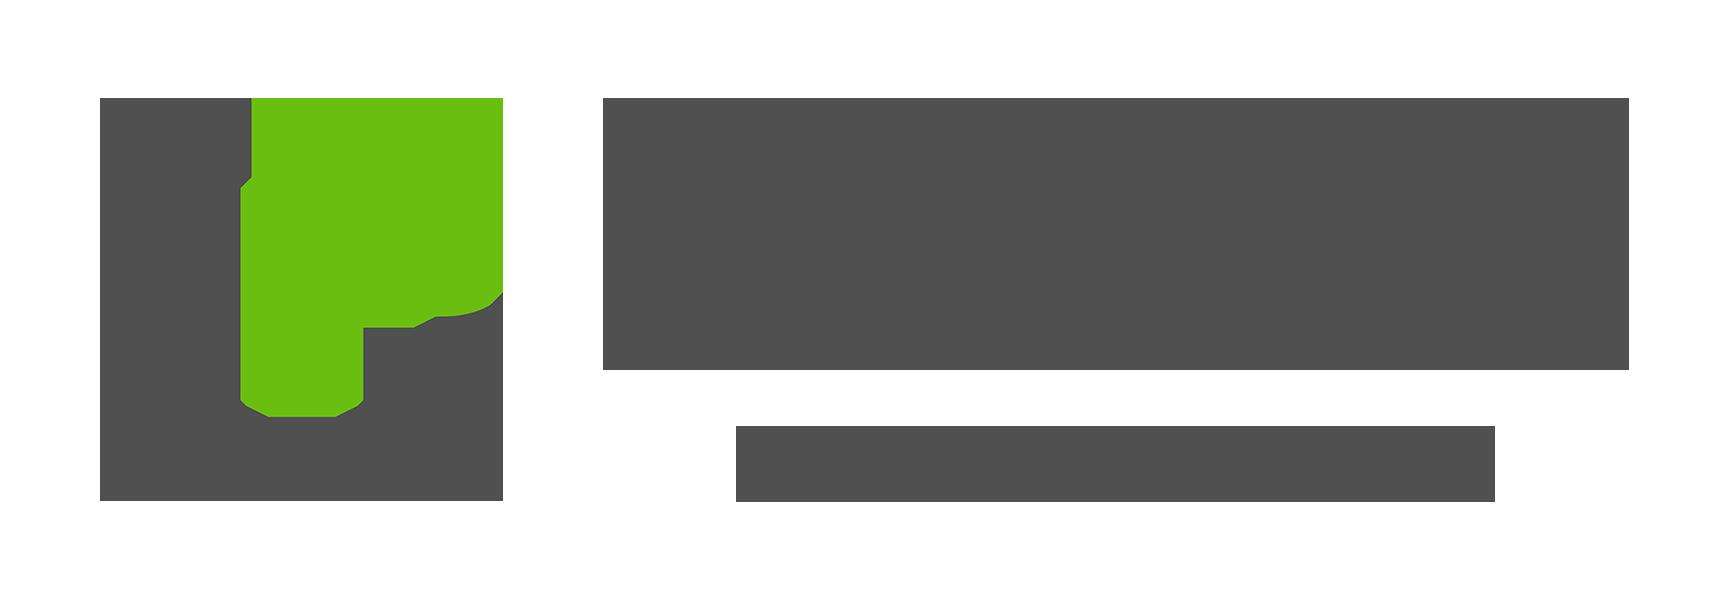 Oaxis Pro